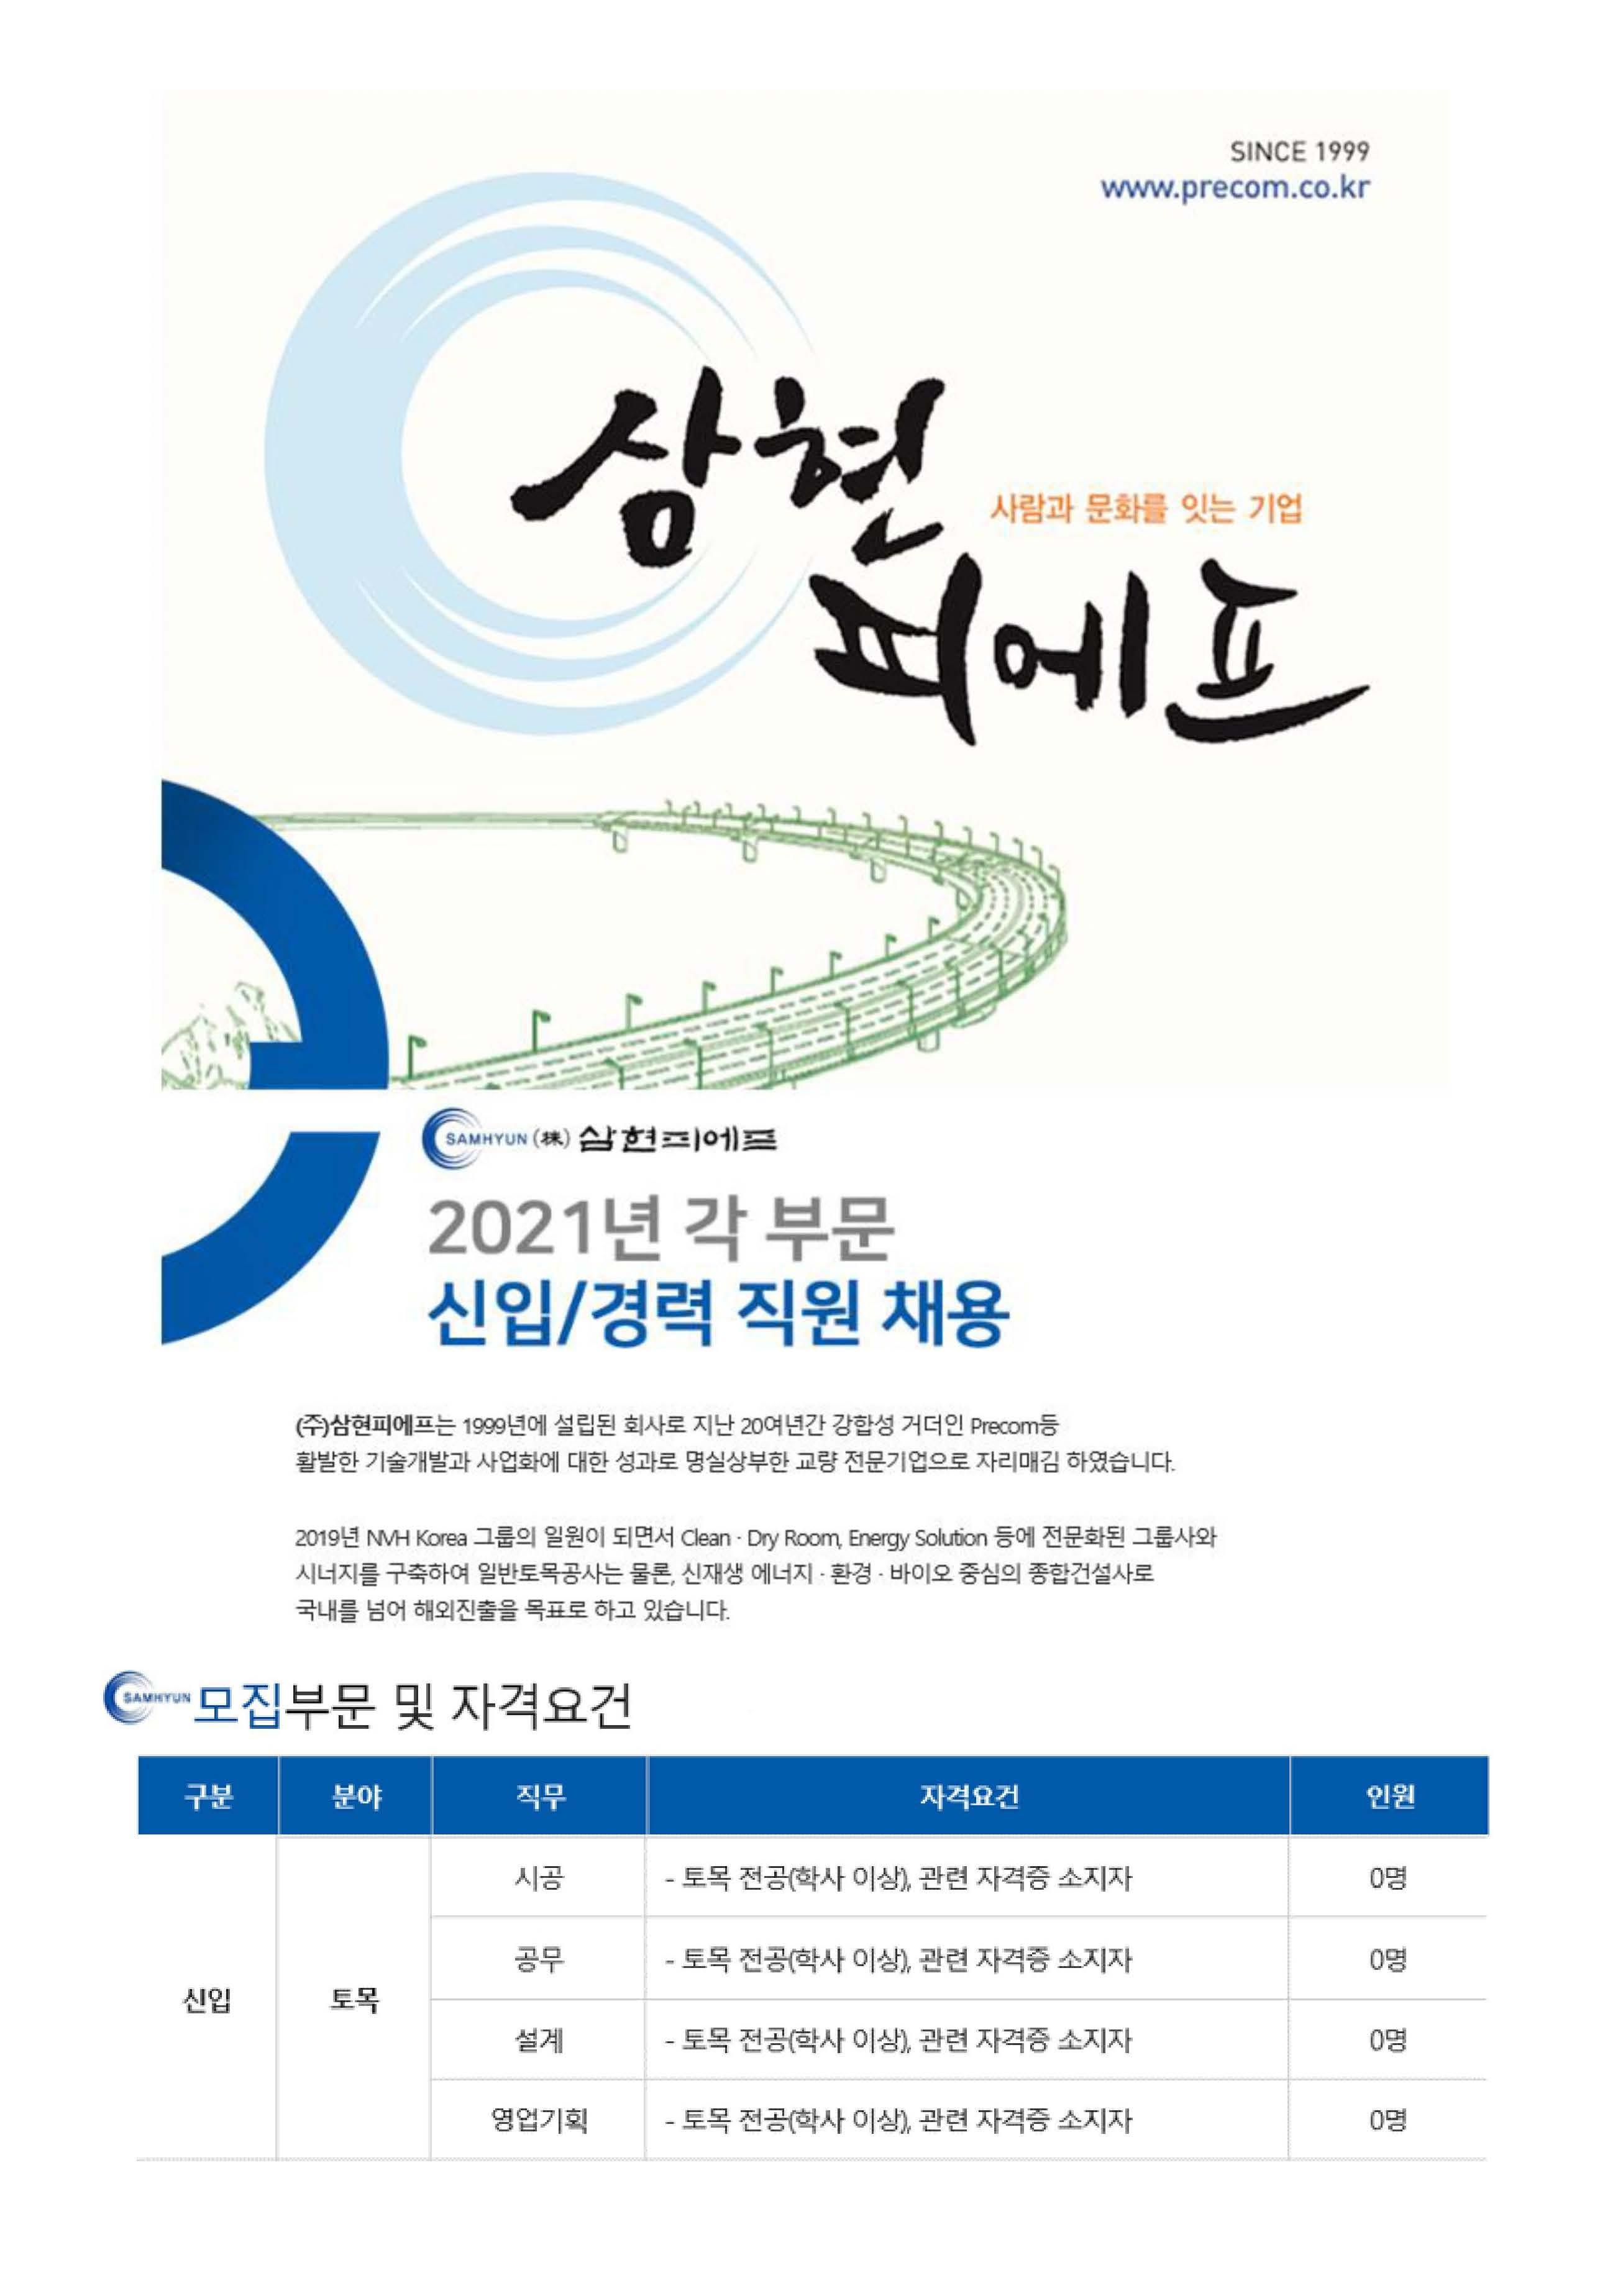 ㈜삼현피에프 2021년 모집공고(토목분야)_페이지_1.jpg